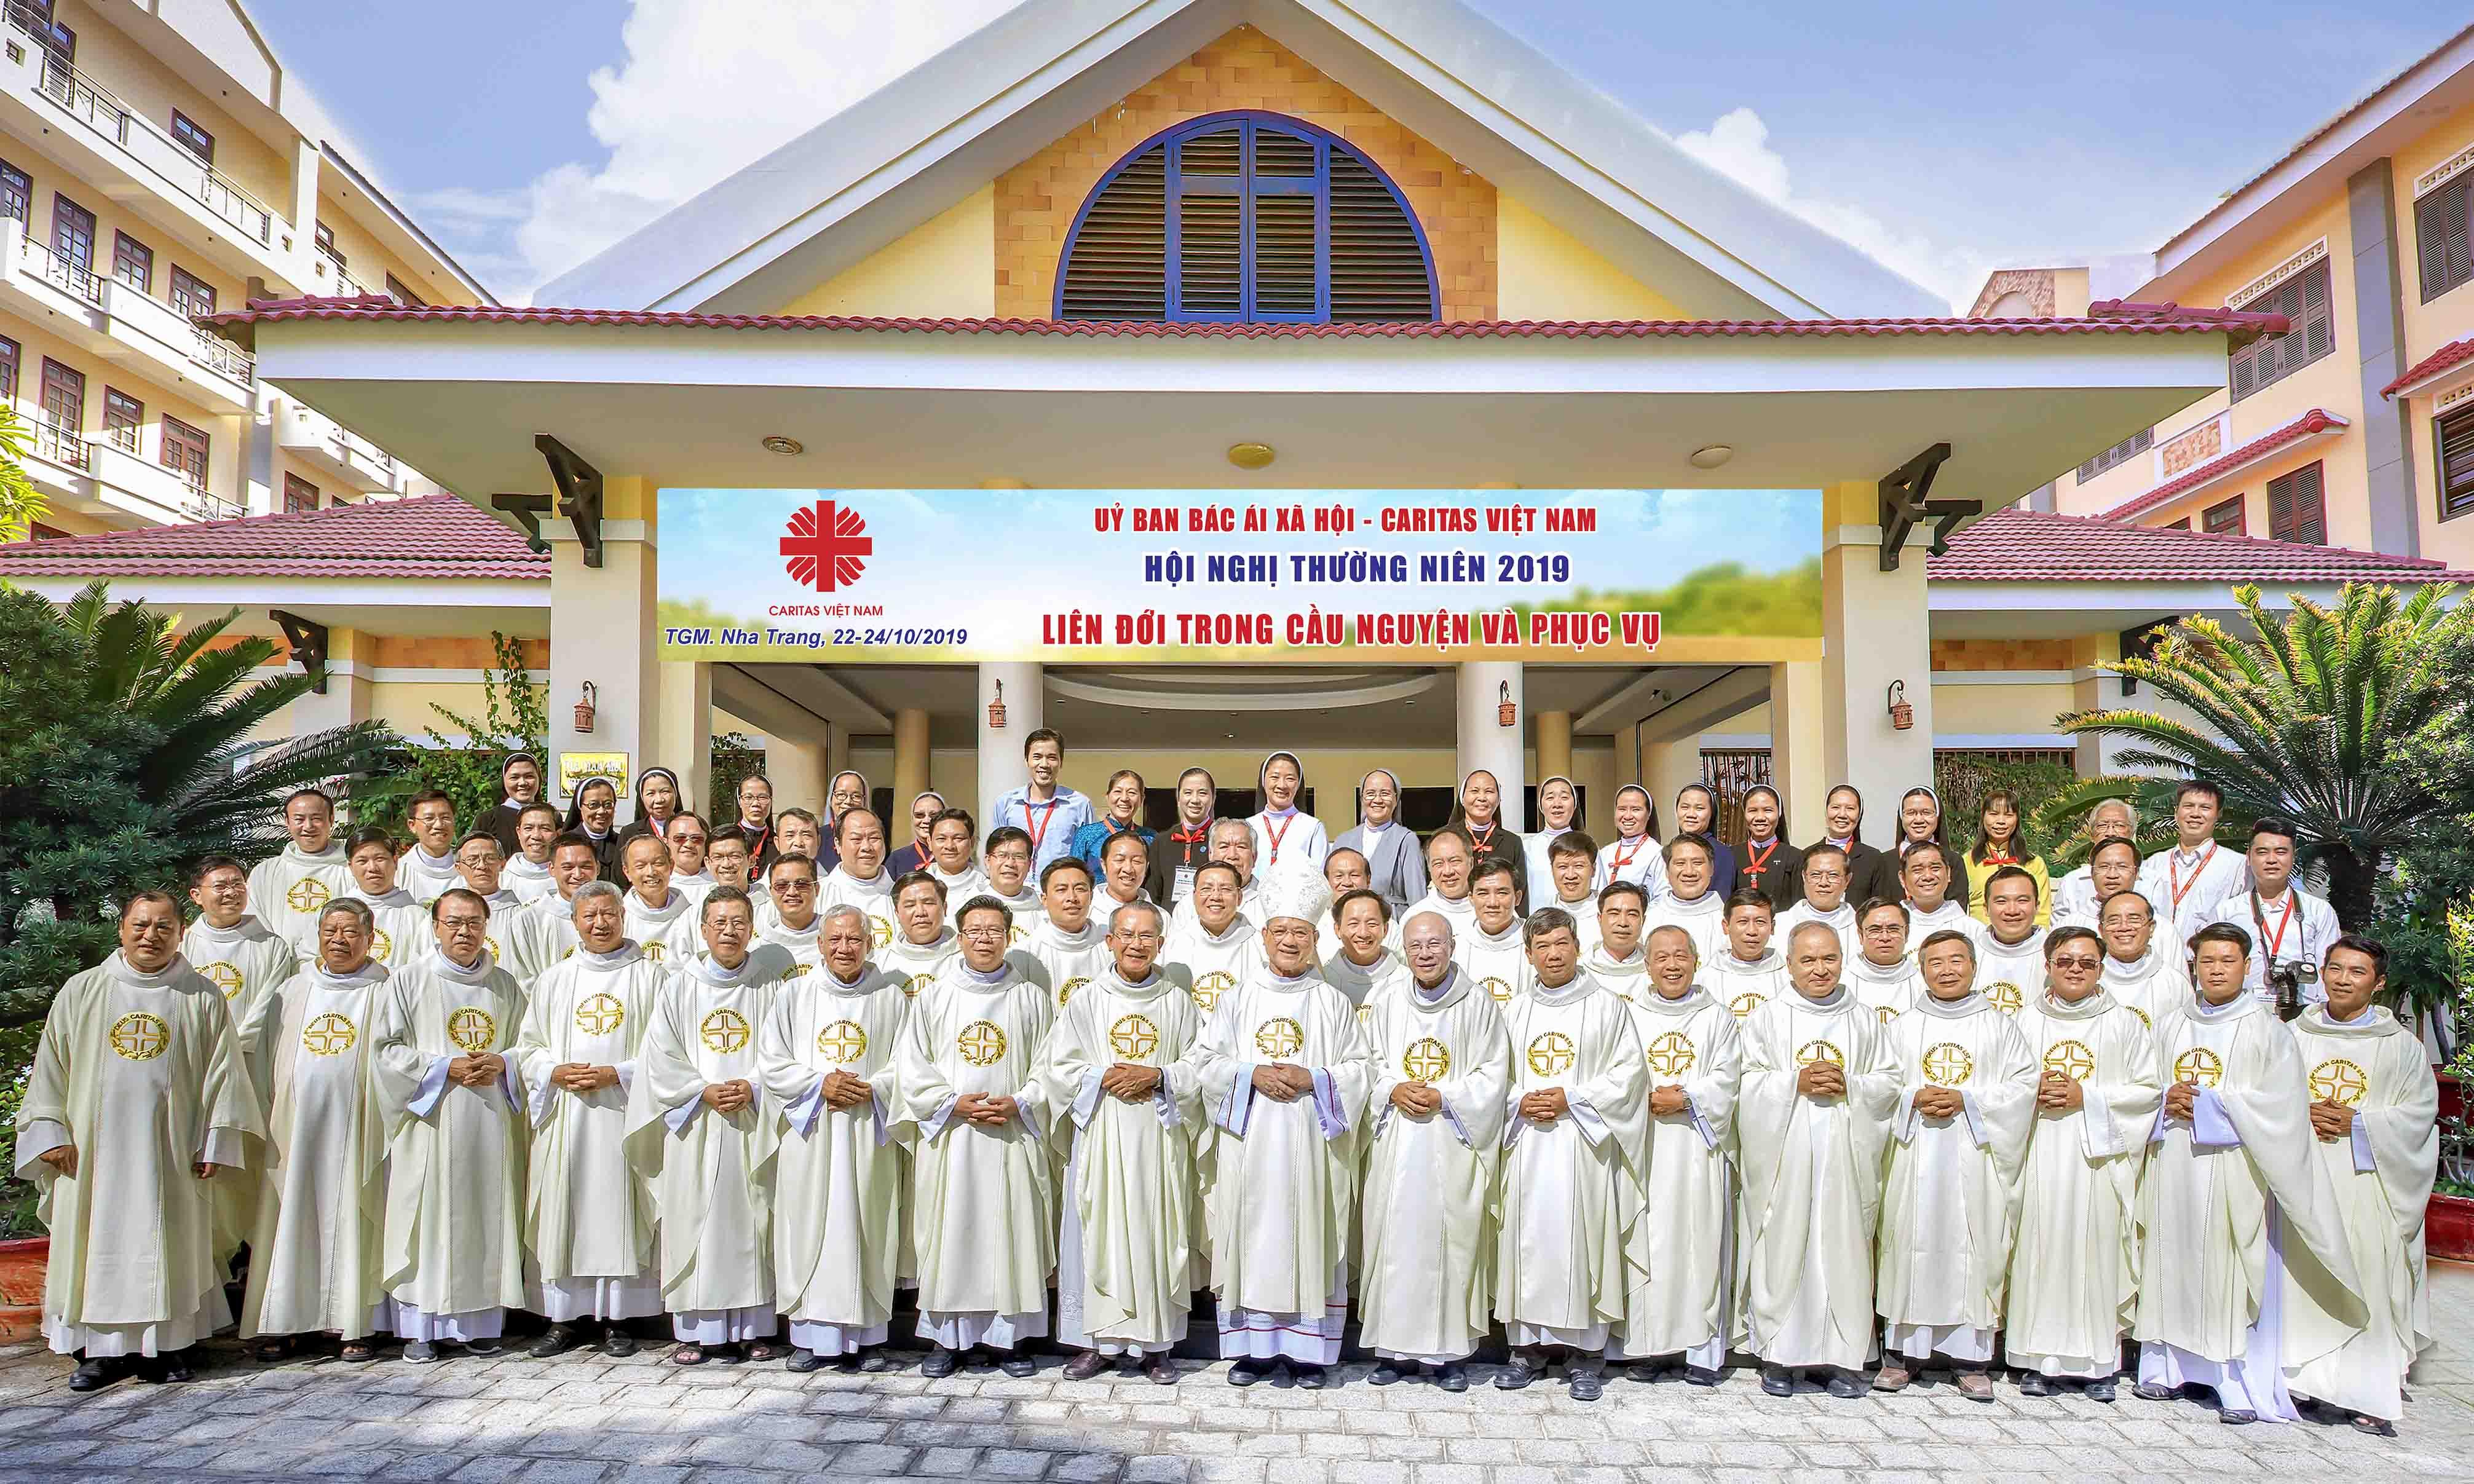 Caritas Việt Nam: HNTN 2019: Liên Đới Trong Cầu Nguyện Và Phục Vụ